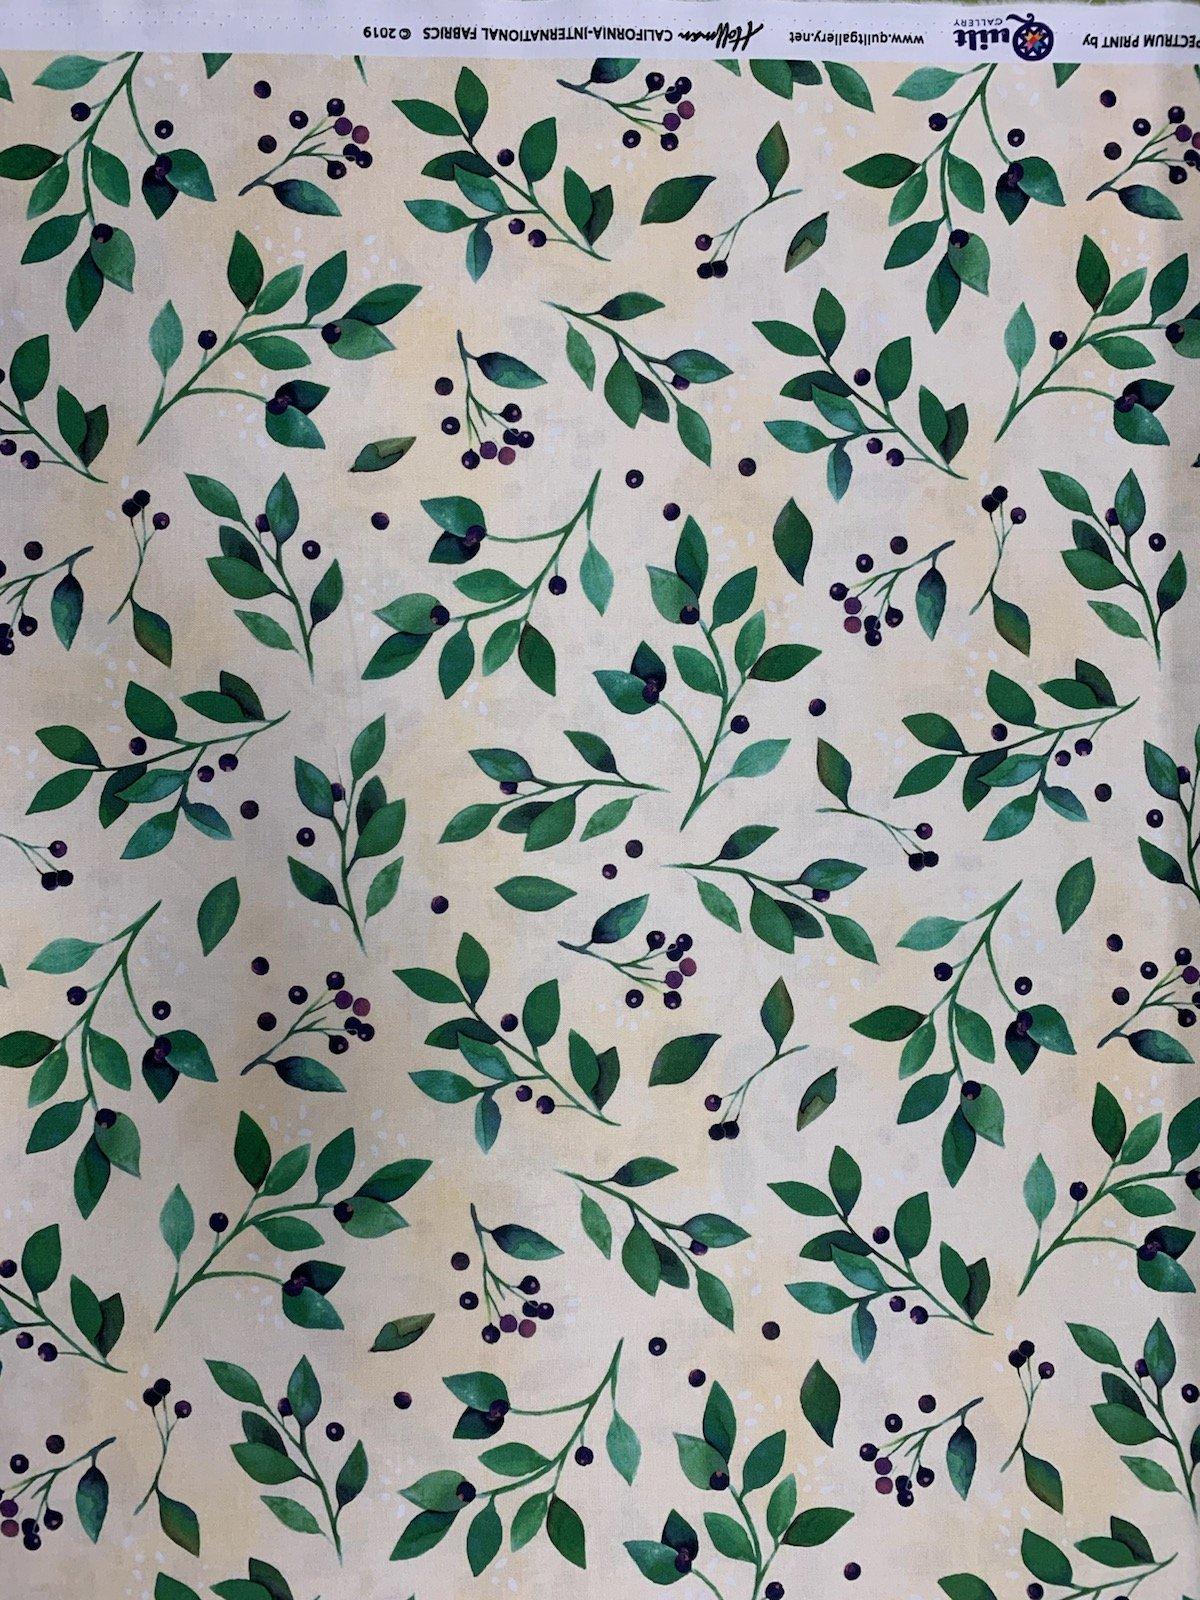 Hoffman S4706-346 Huckleberry Quilt Gallery Design